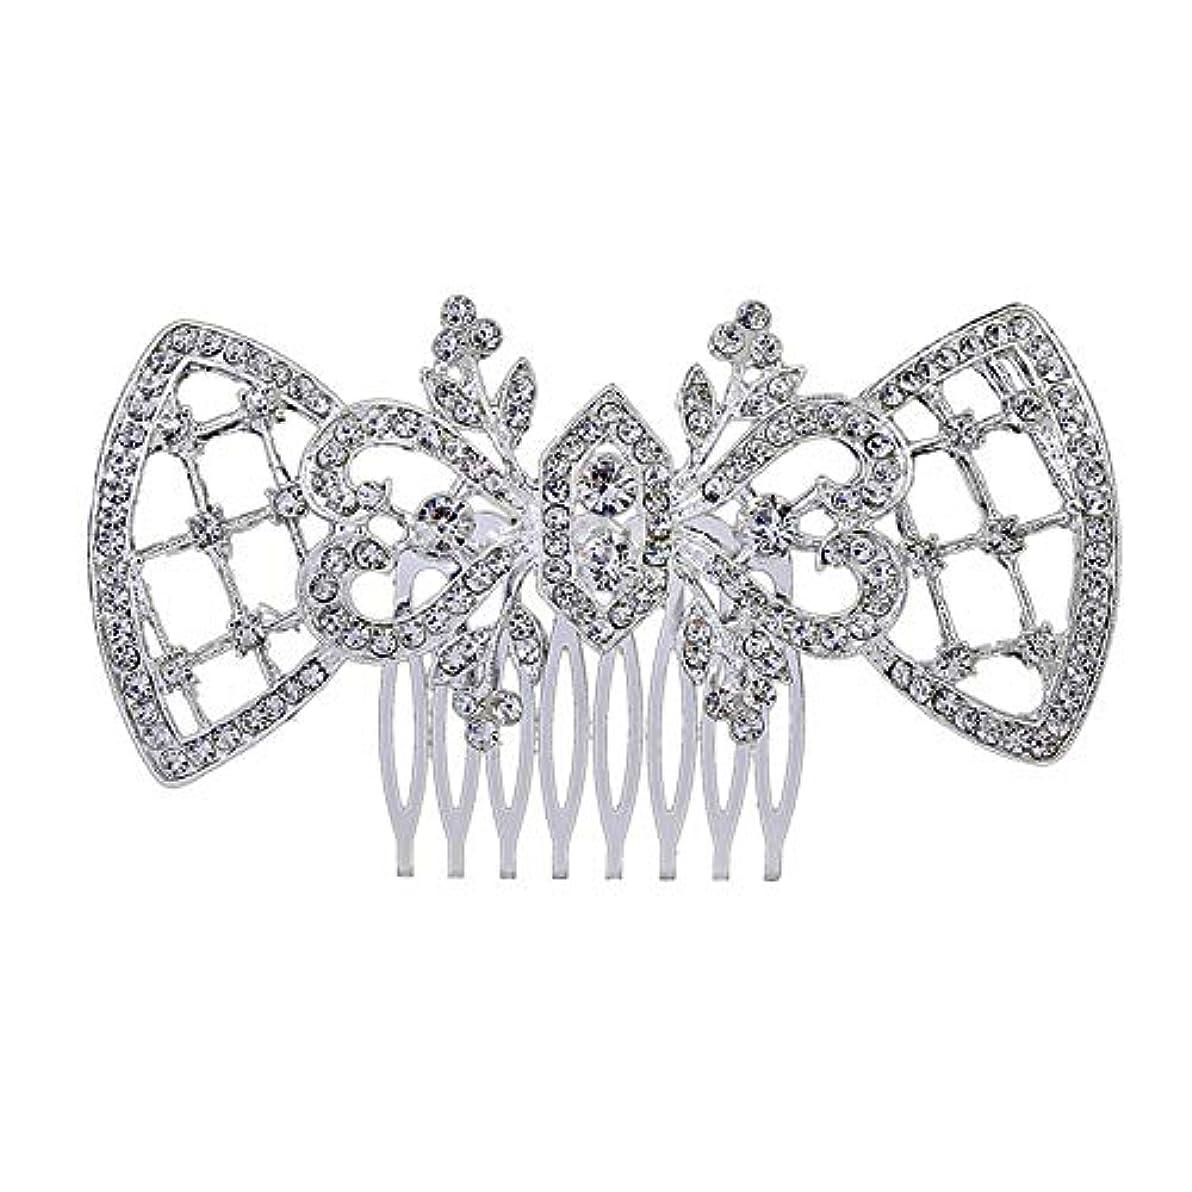 欲望にキャスト髪の櫛、櫛、ブライダル髪、髪の櫛、ハート形、ラインストーンの櫛、合金の帽子、結婚式のアクセサリー